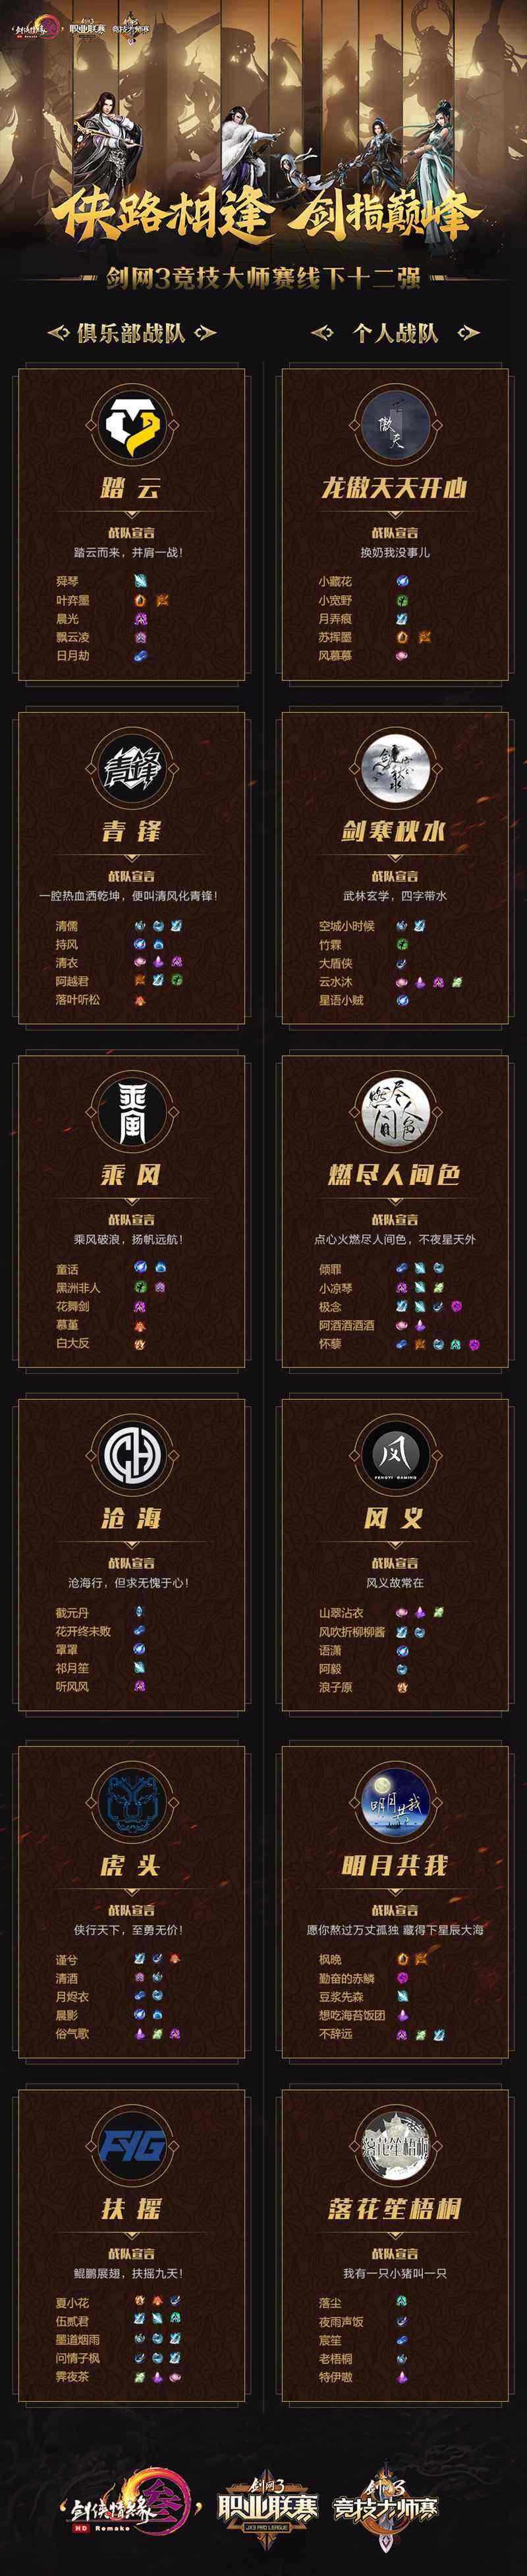 《剑网3》大师赛十二强新鲜出炉 巅峰之战门票今日发售